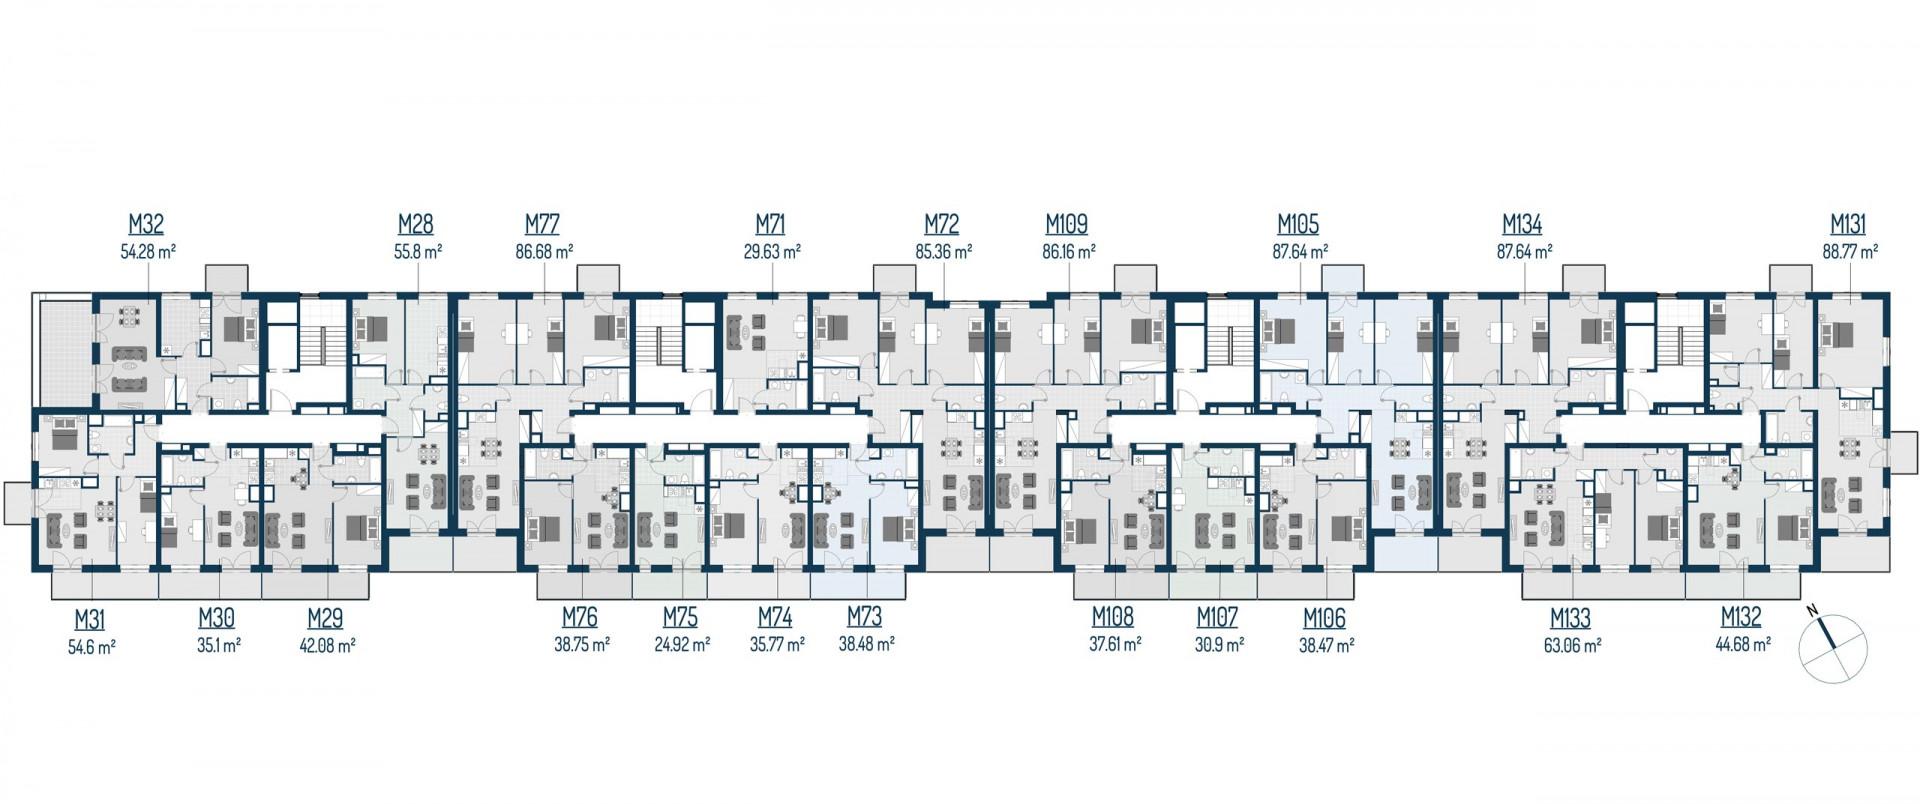 Zdrowe Stylove / budynek 2 / mieszkanie nr 29 rzut 2